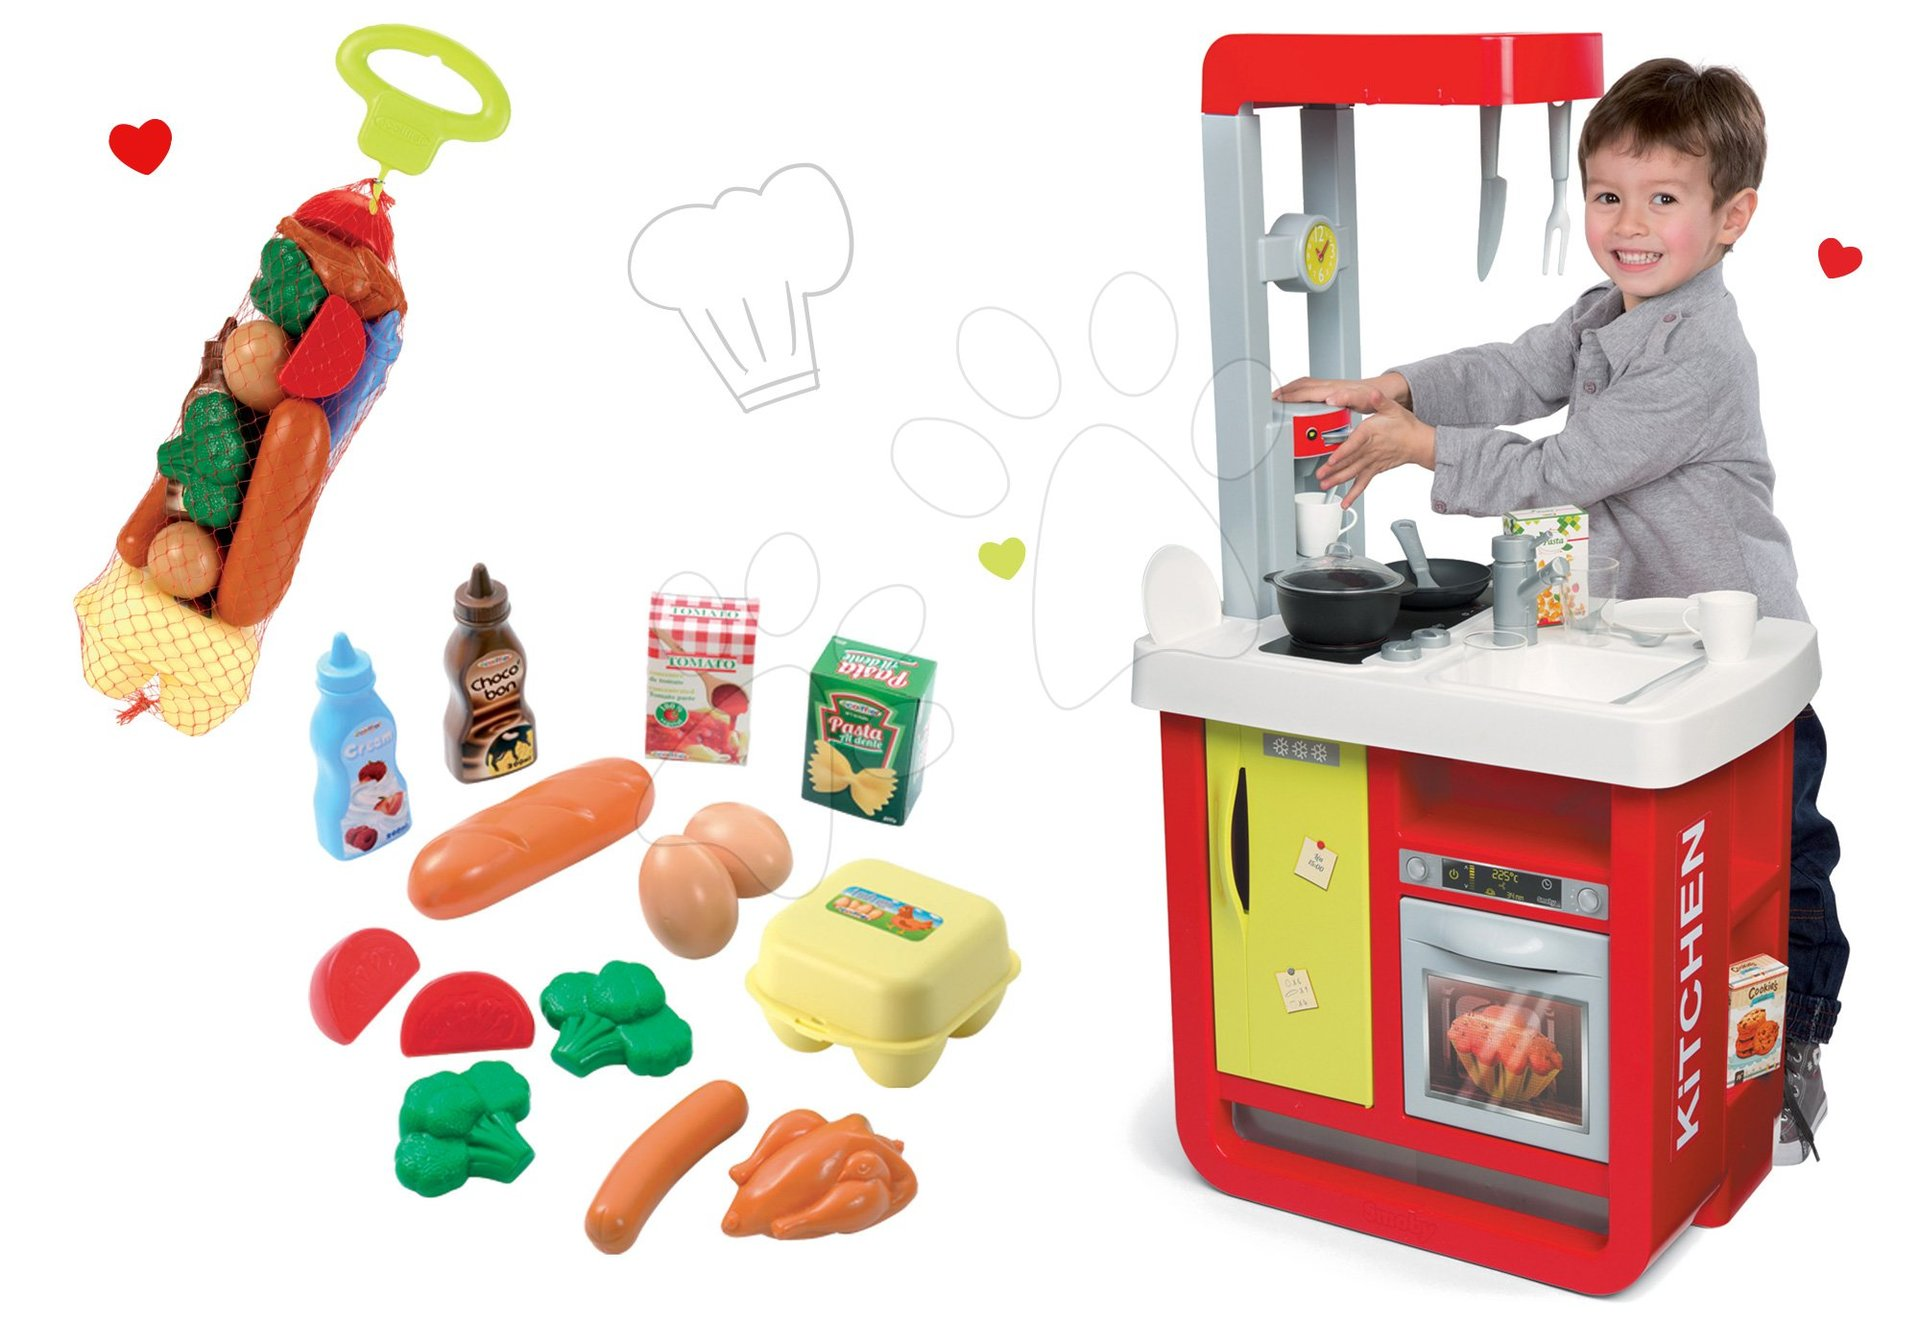 Smoby detská kuchynka Cherry Special a potraviny Écoiffier Bubble Cook 310810-8